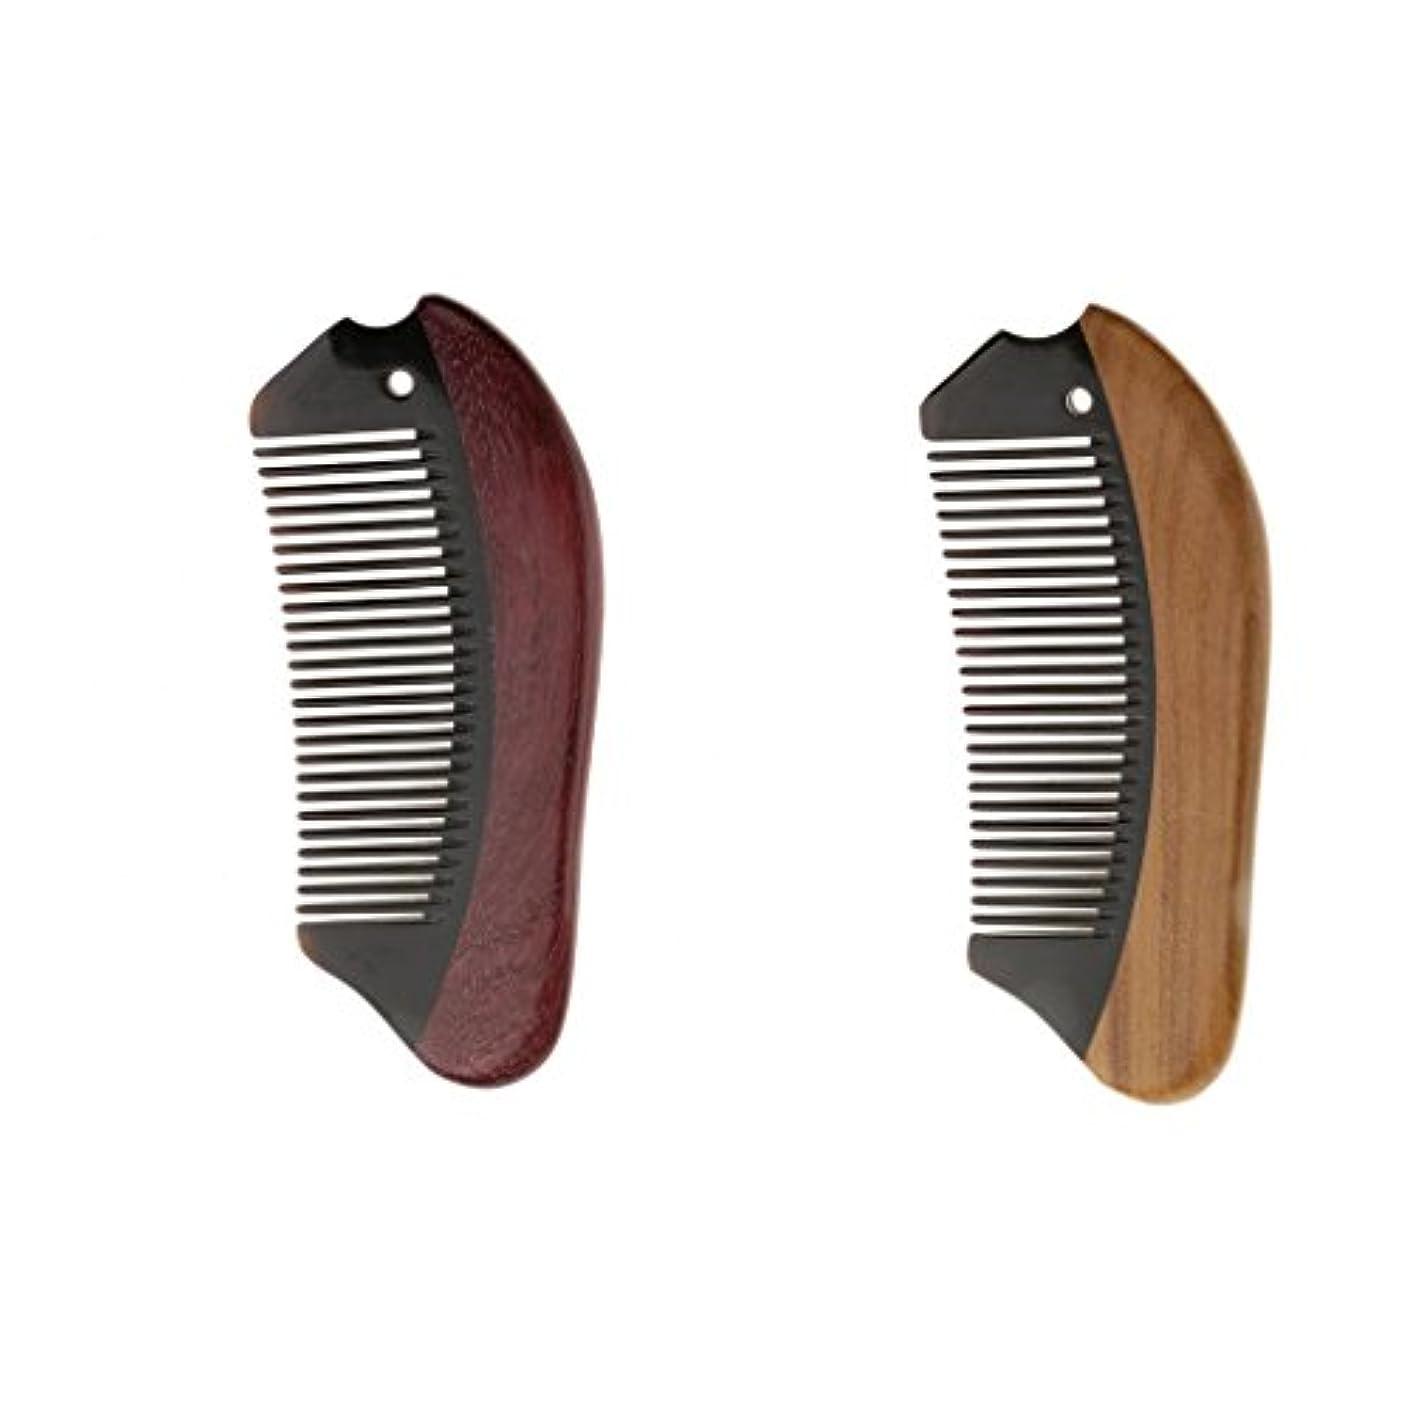 性能はちみつ甘やかすKOZEEY 2個 木製 櫛 コーム ヘアダイコーム ブラシ 静電気防止 マッサージ 滑らか 快適